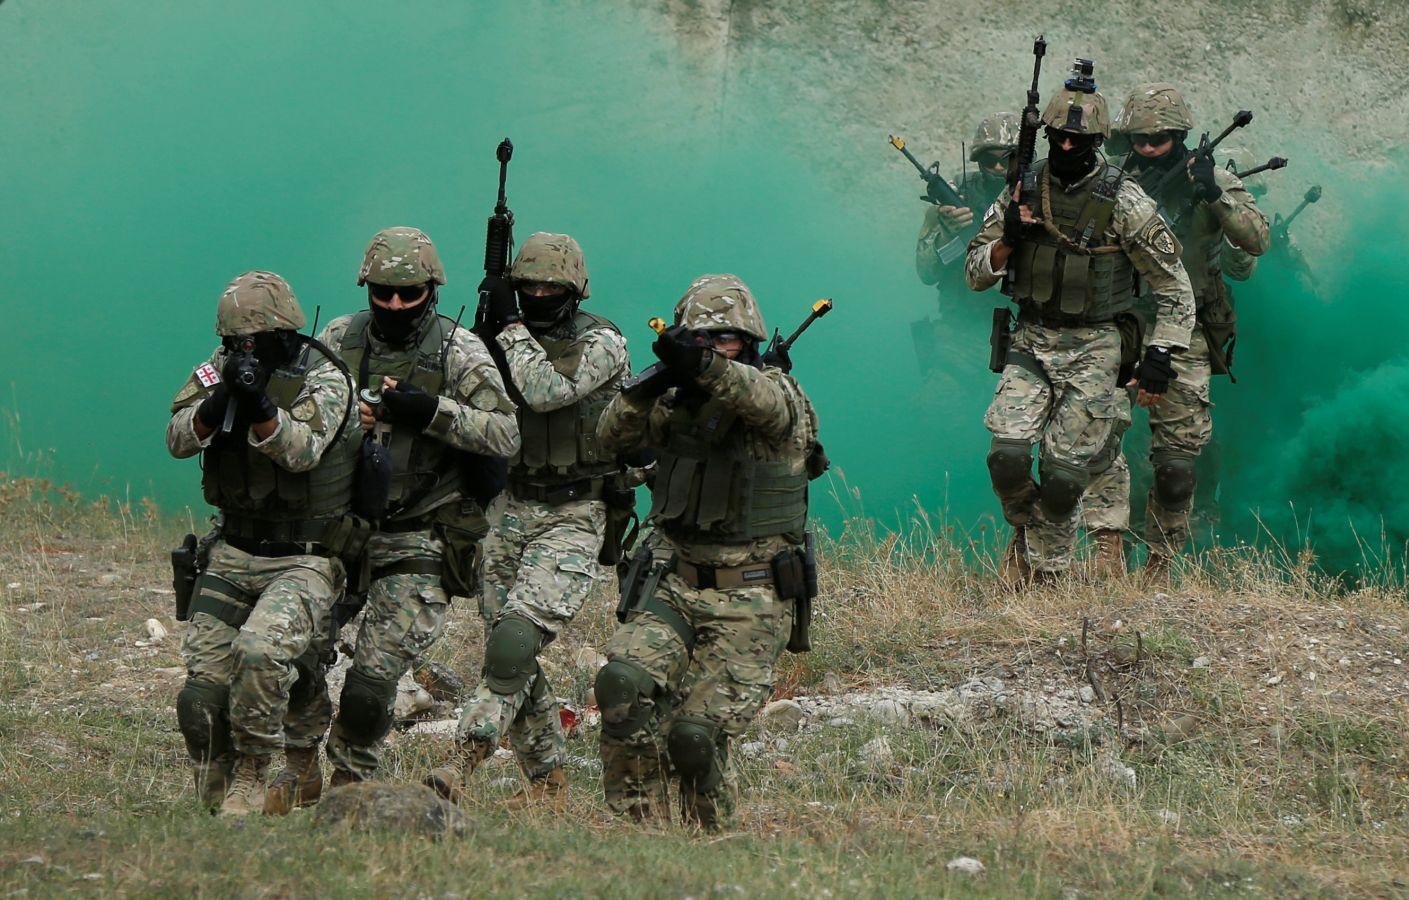 El duro entrenamiento militar